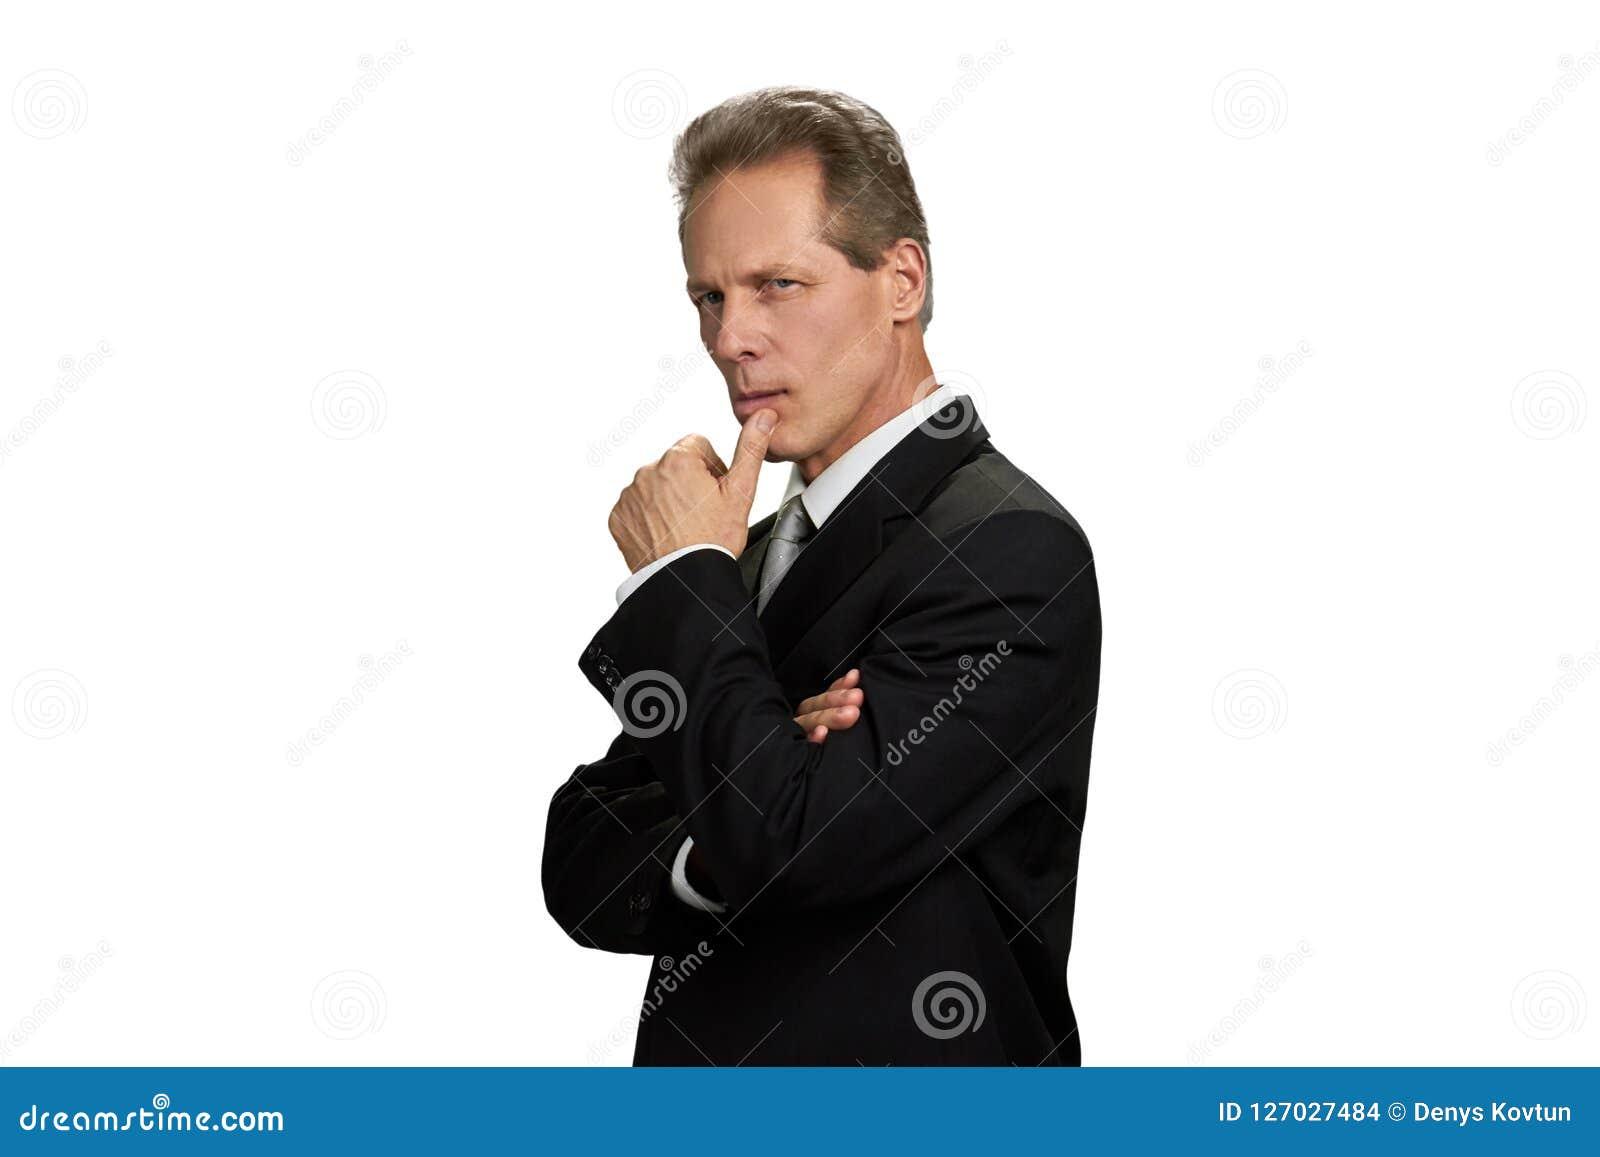 Σκεπτόμενος επιχειρηματίας με το δάχτυλο στο πηγούνι